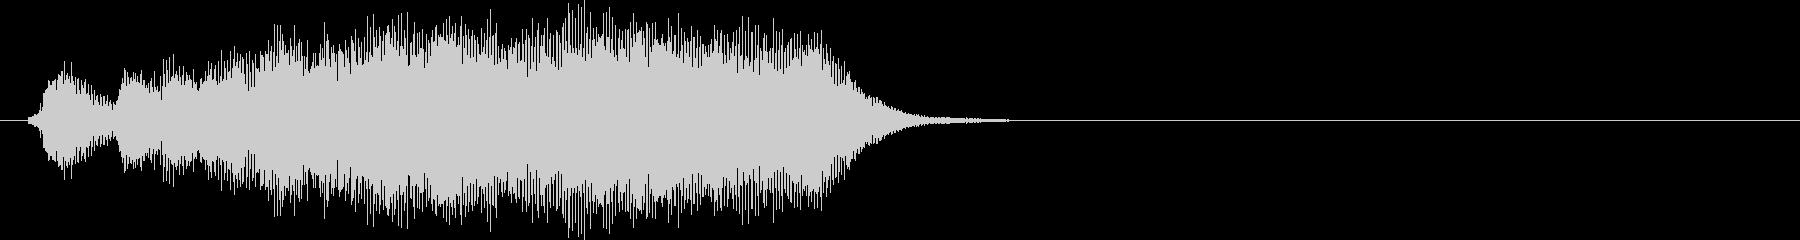 汎用05 パンパカパーン(Short)の未再生の波形